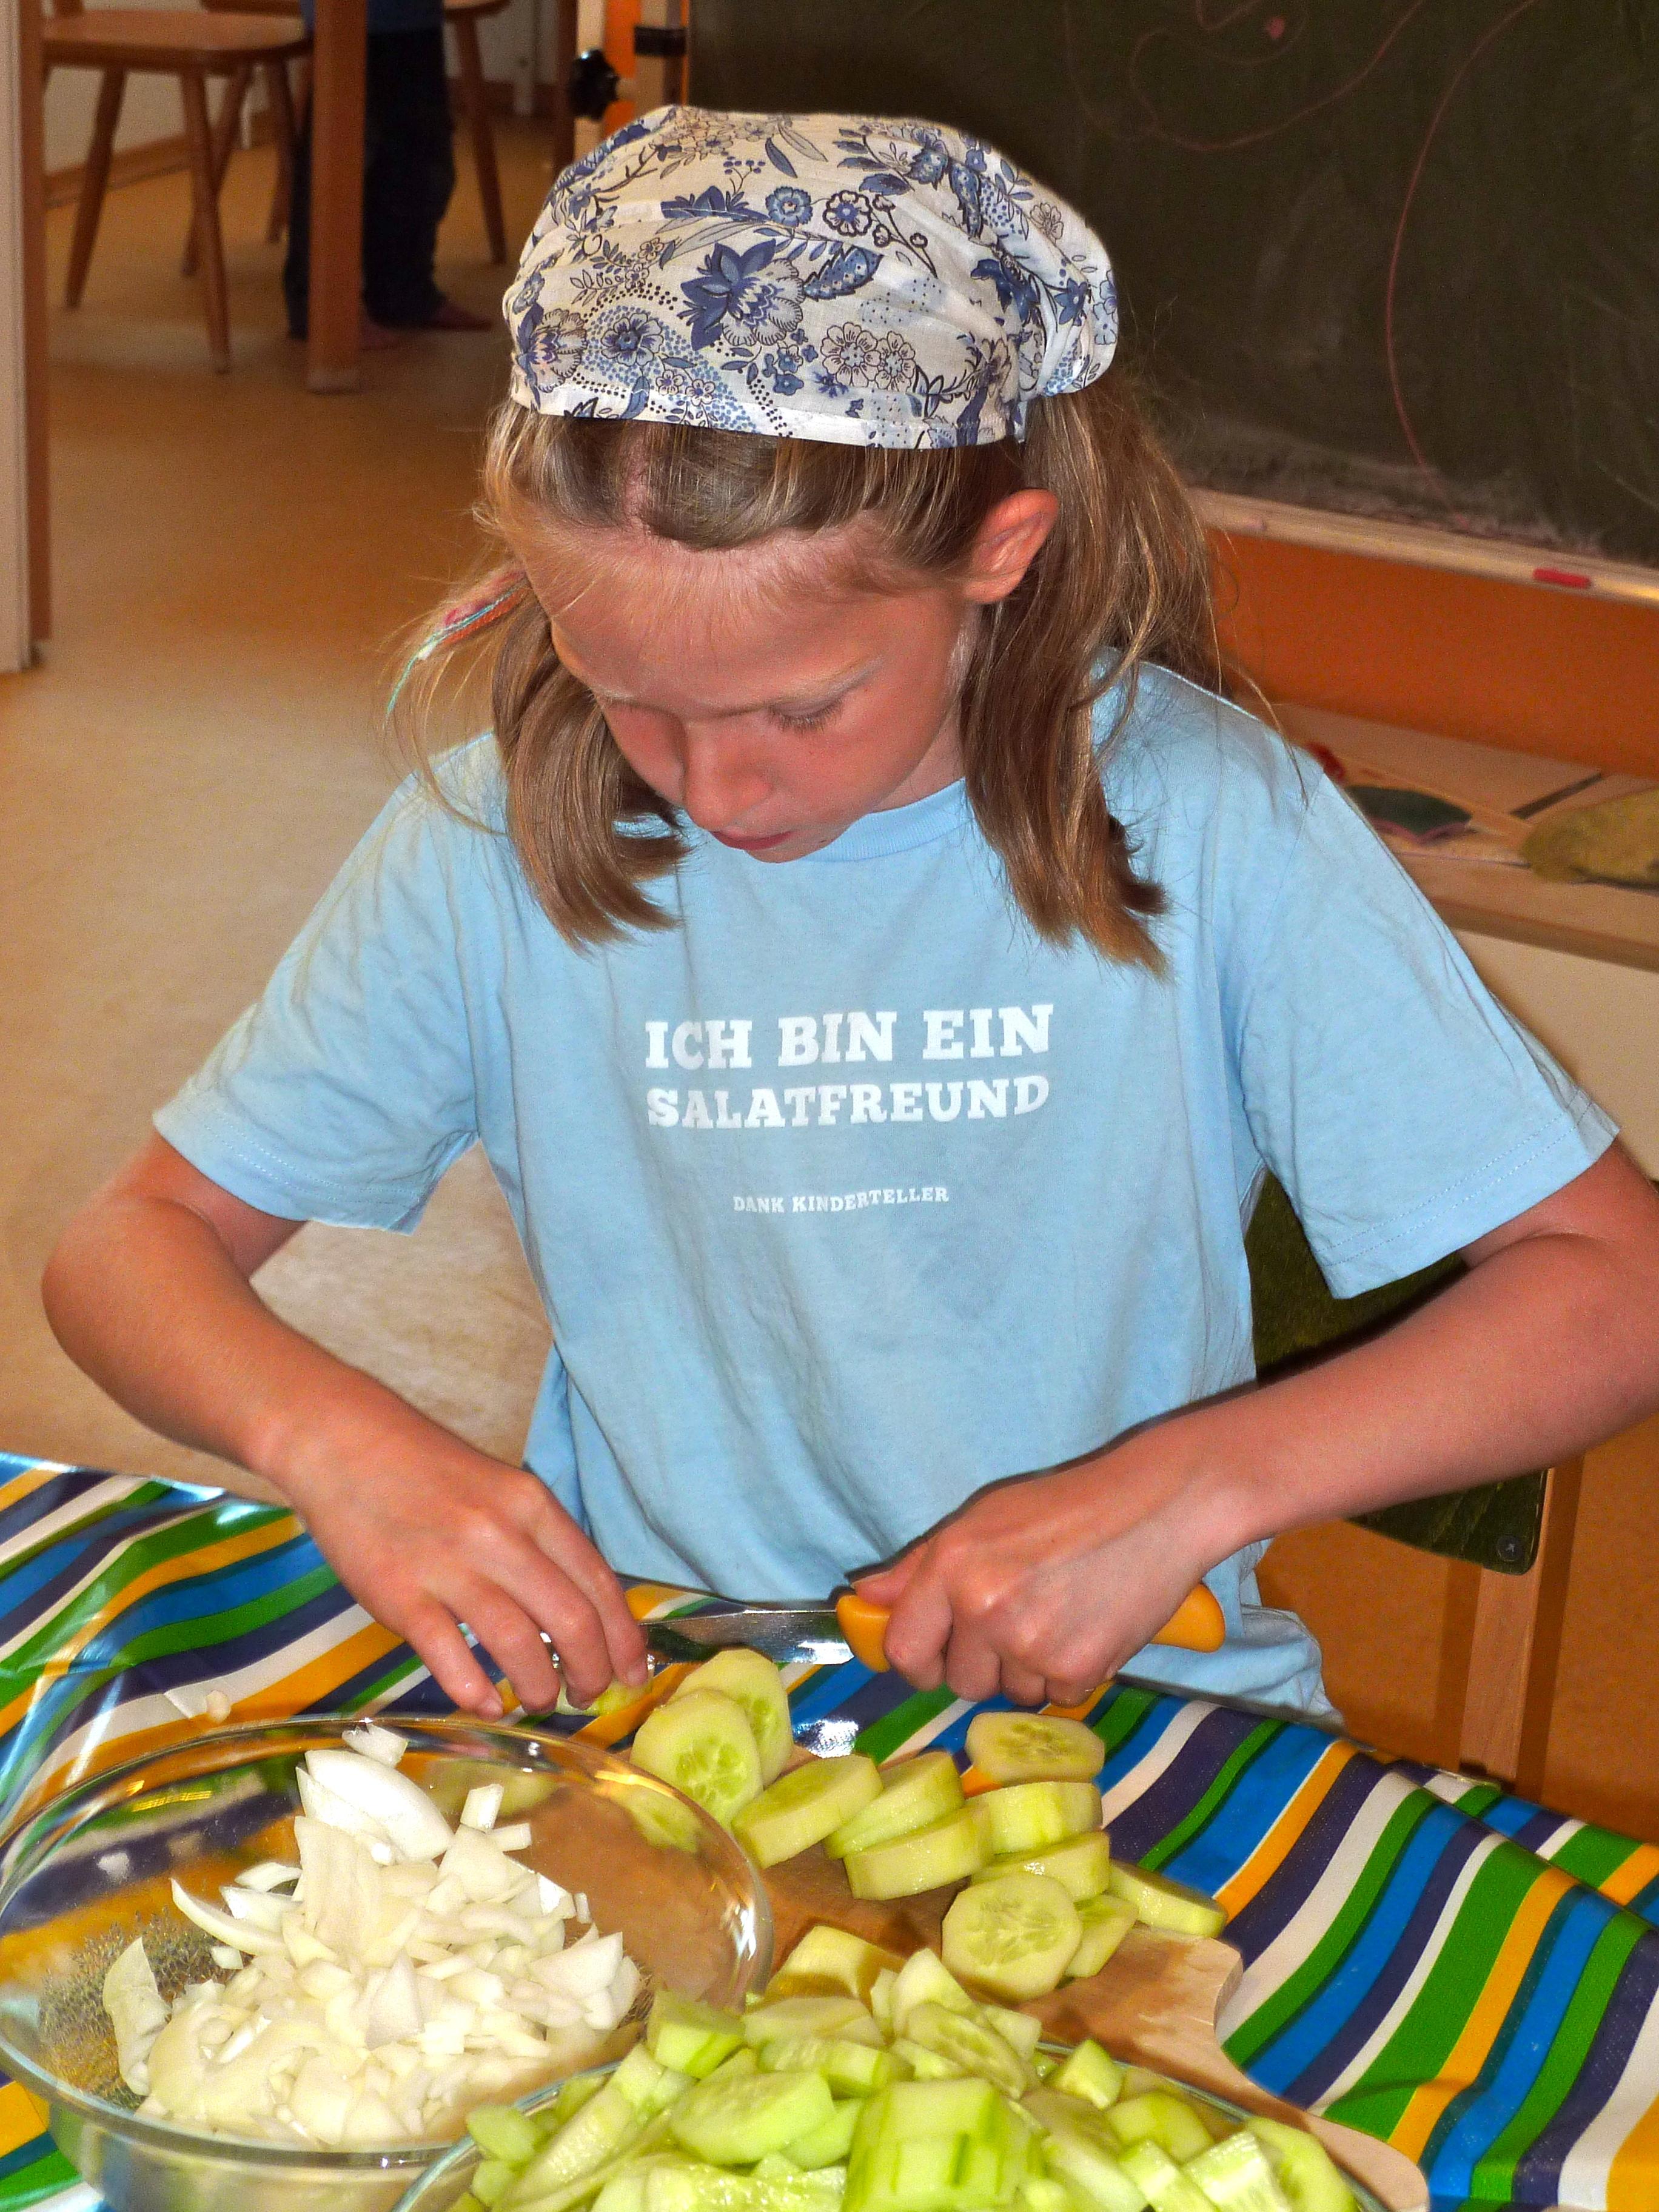 Norderney - Kochen mit Kindern - Mädchen schneidet Gurke